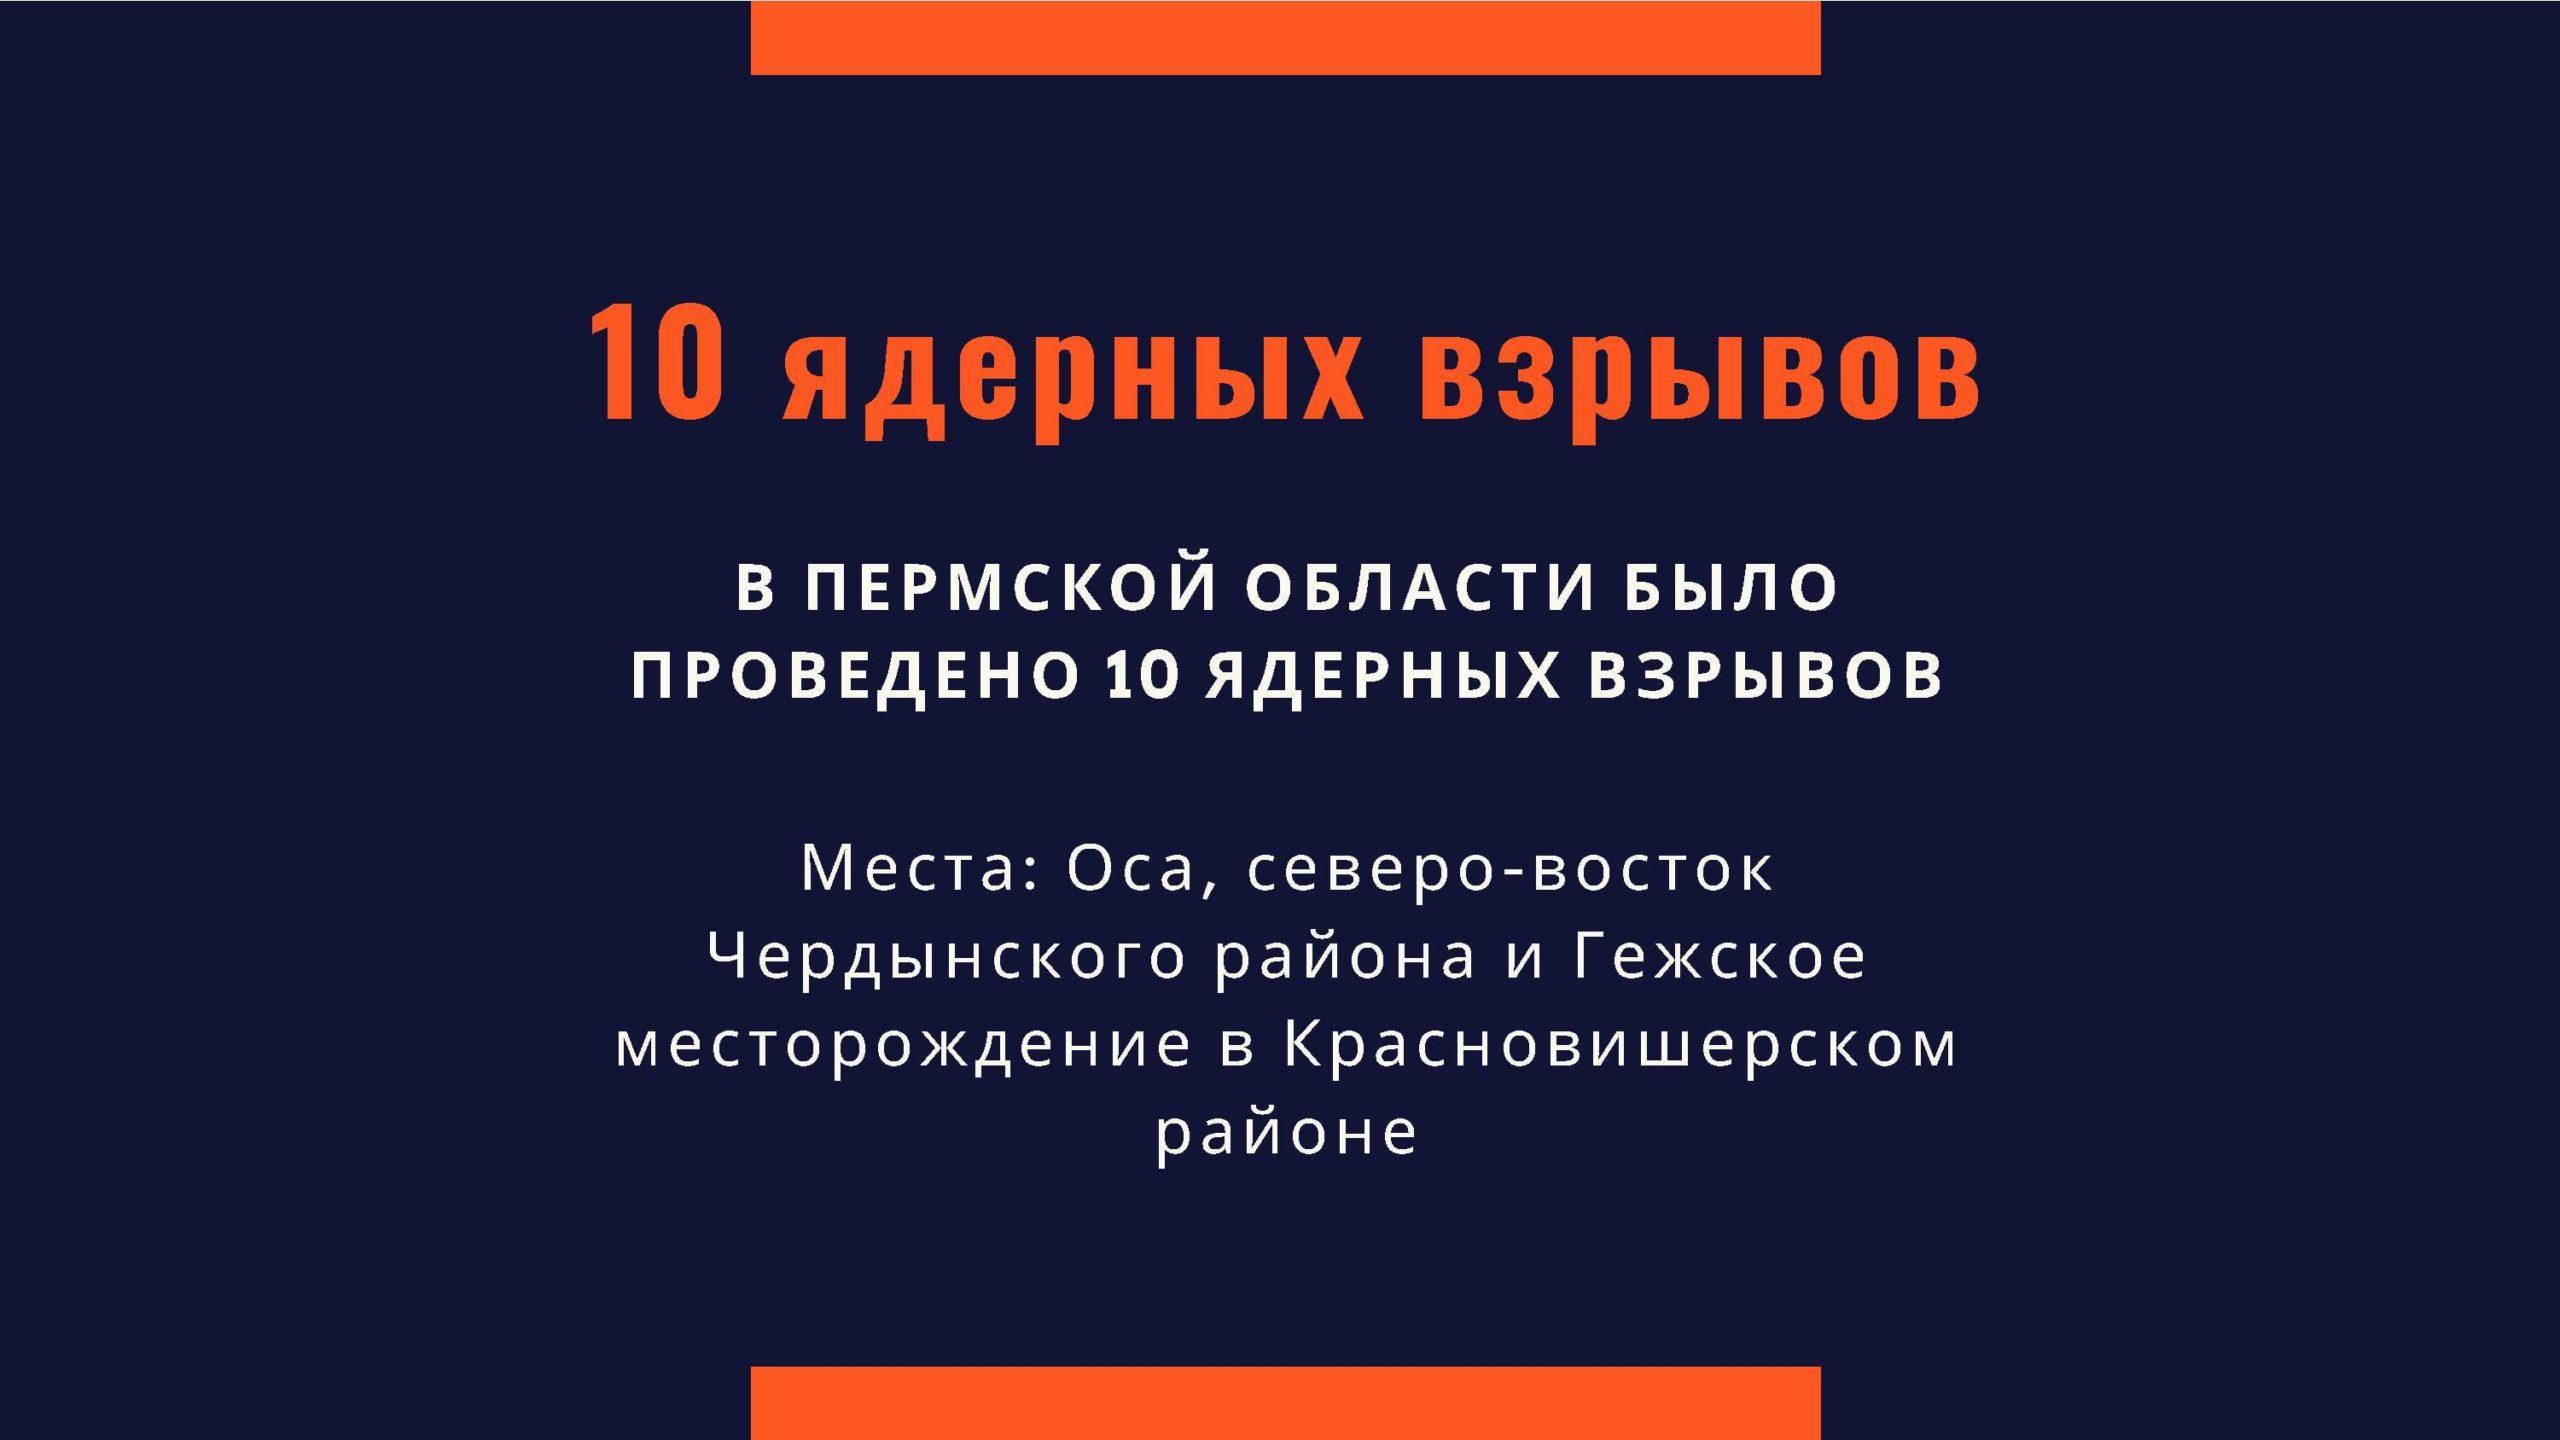 10 ядерных взрывов в Пермской области было проведено